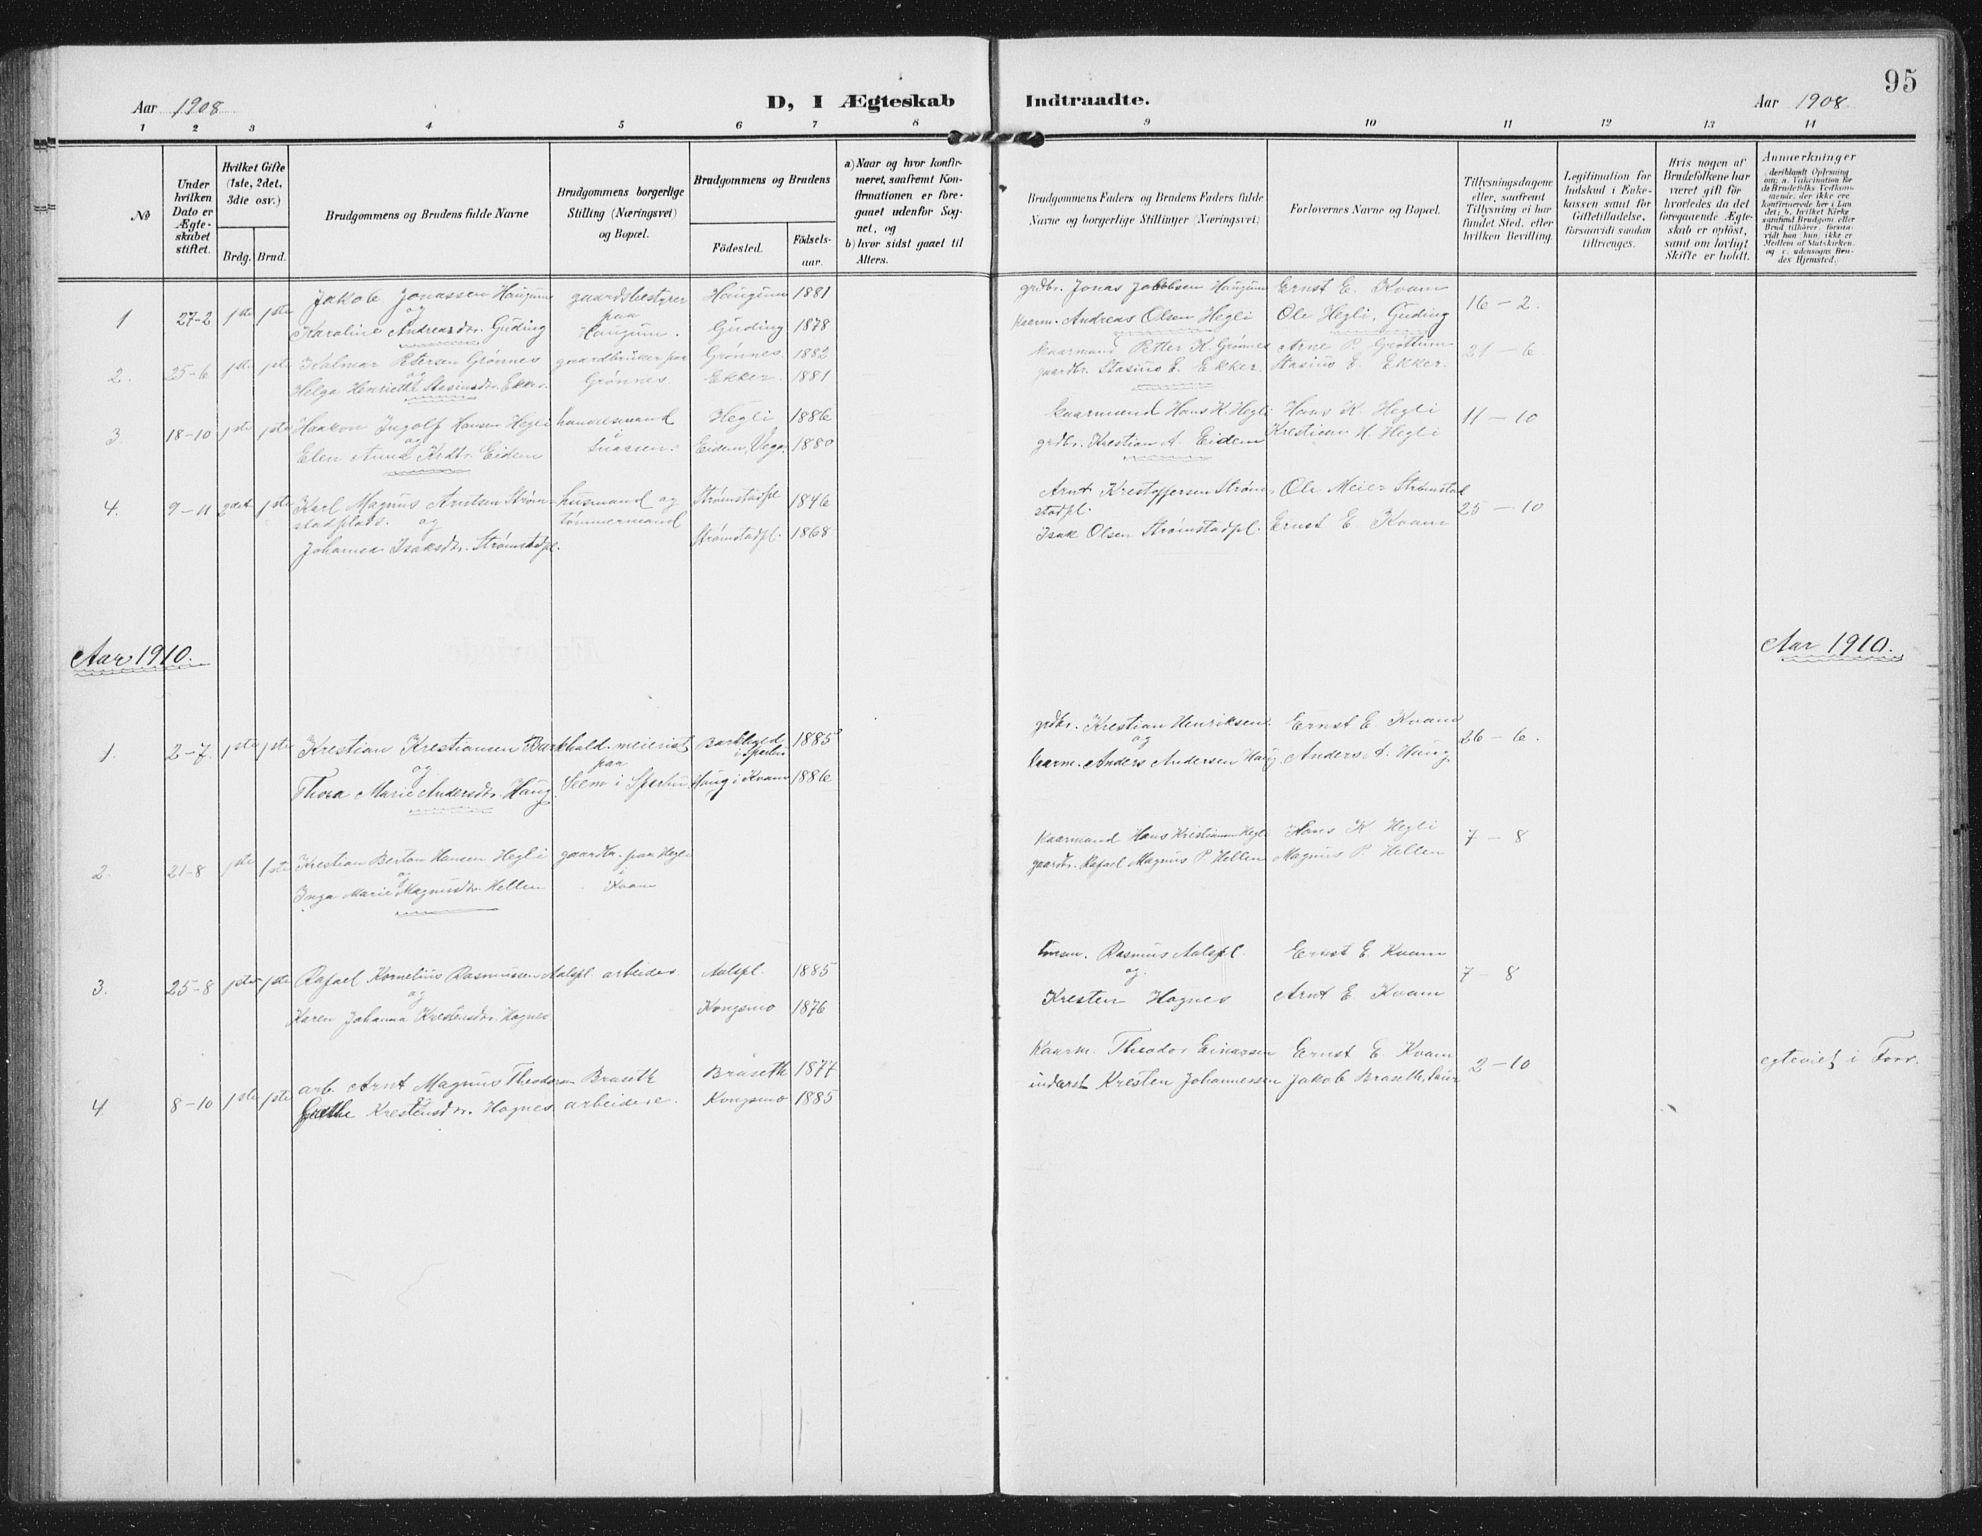 SAT, Ministerialprotokoller, klokkerbøker og fødselsregistre - Nord-Trøndelag, 747/L0460: Klokkerbok nr. 747C02, 1908-1939, s. 95